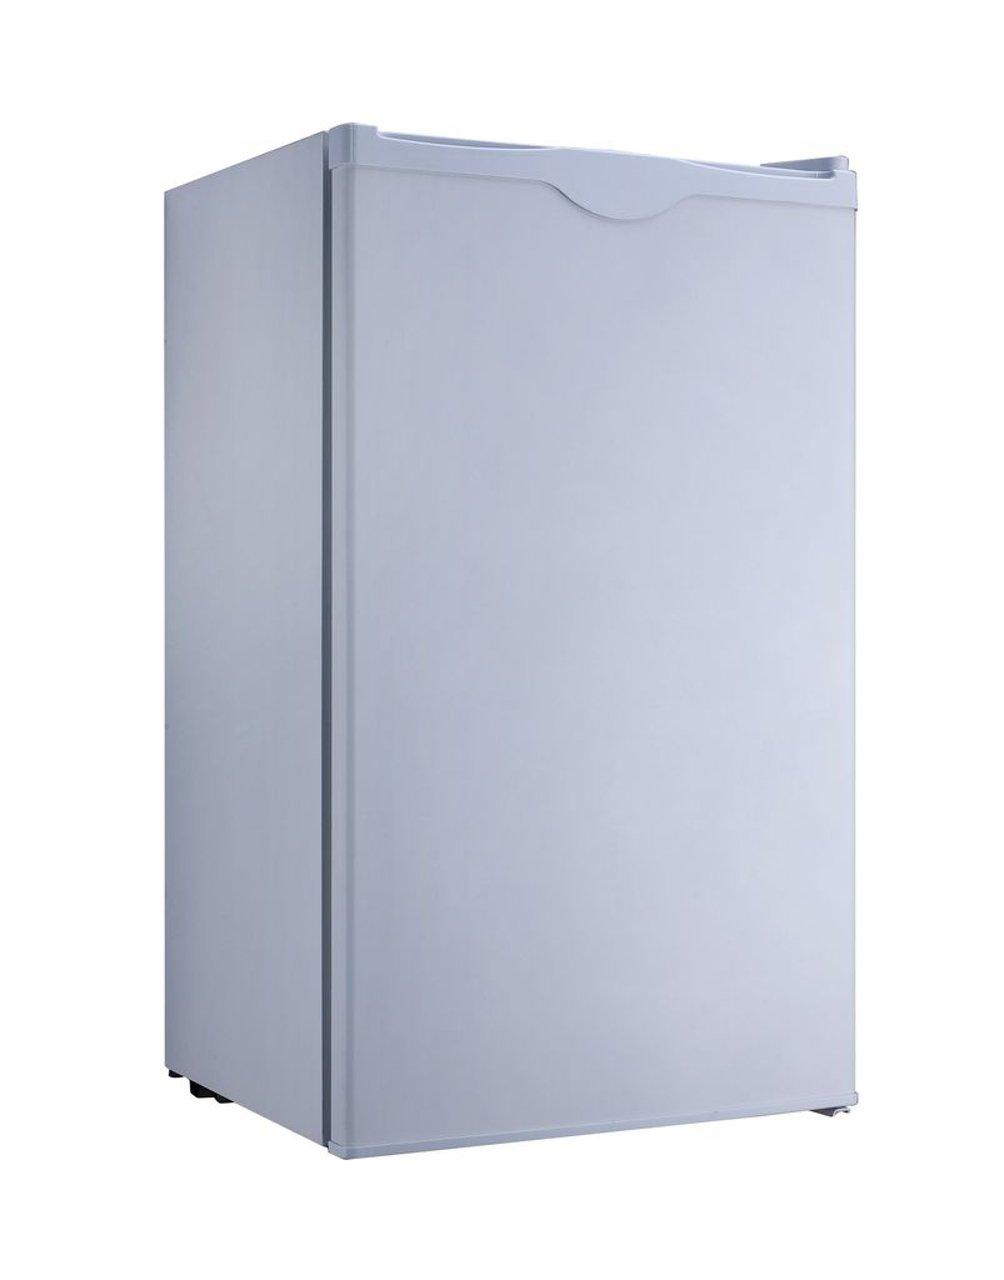 Guzzanti GZ 09 Refrigerador monocolático, 85 l: Amazon.es ...